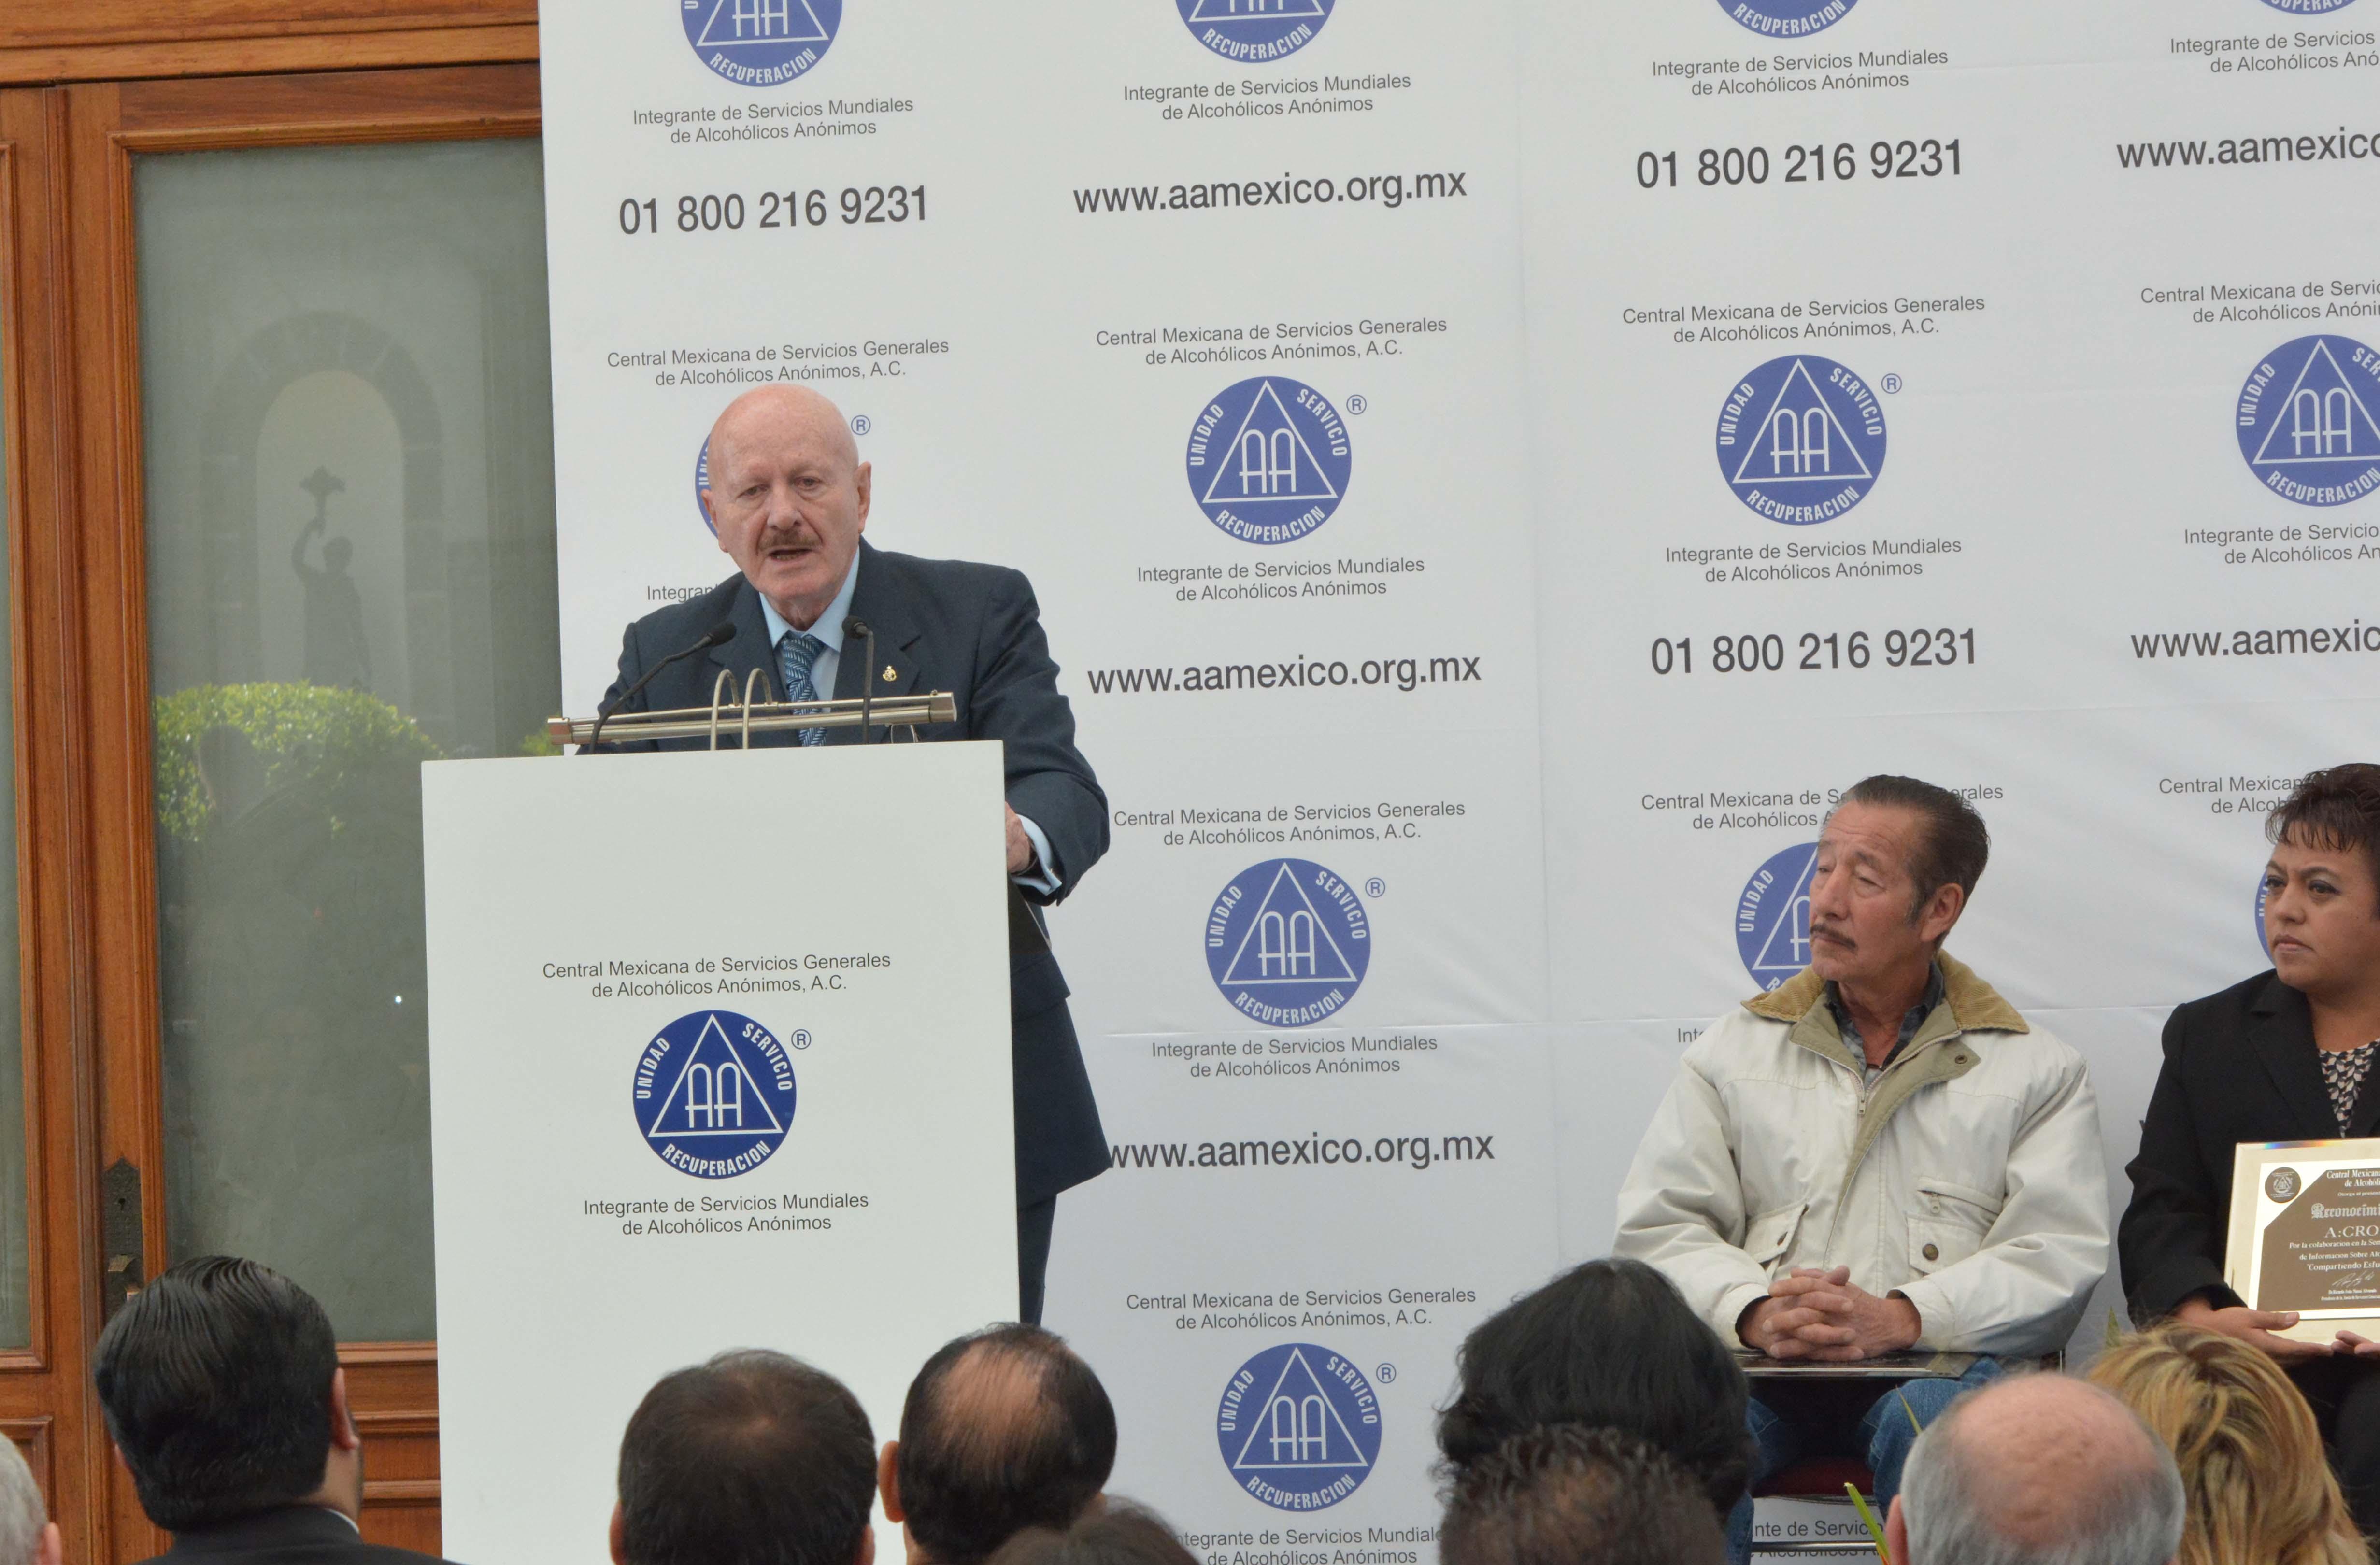 El Dr. Mondragón y Kalb, inauguró la 21 Semana Nacional de Información sobre Alcoholismo, organizada por la Central Mexicana de Servicios Generales de Alcohólicos Anónimos